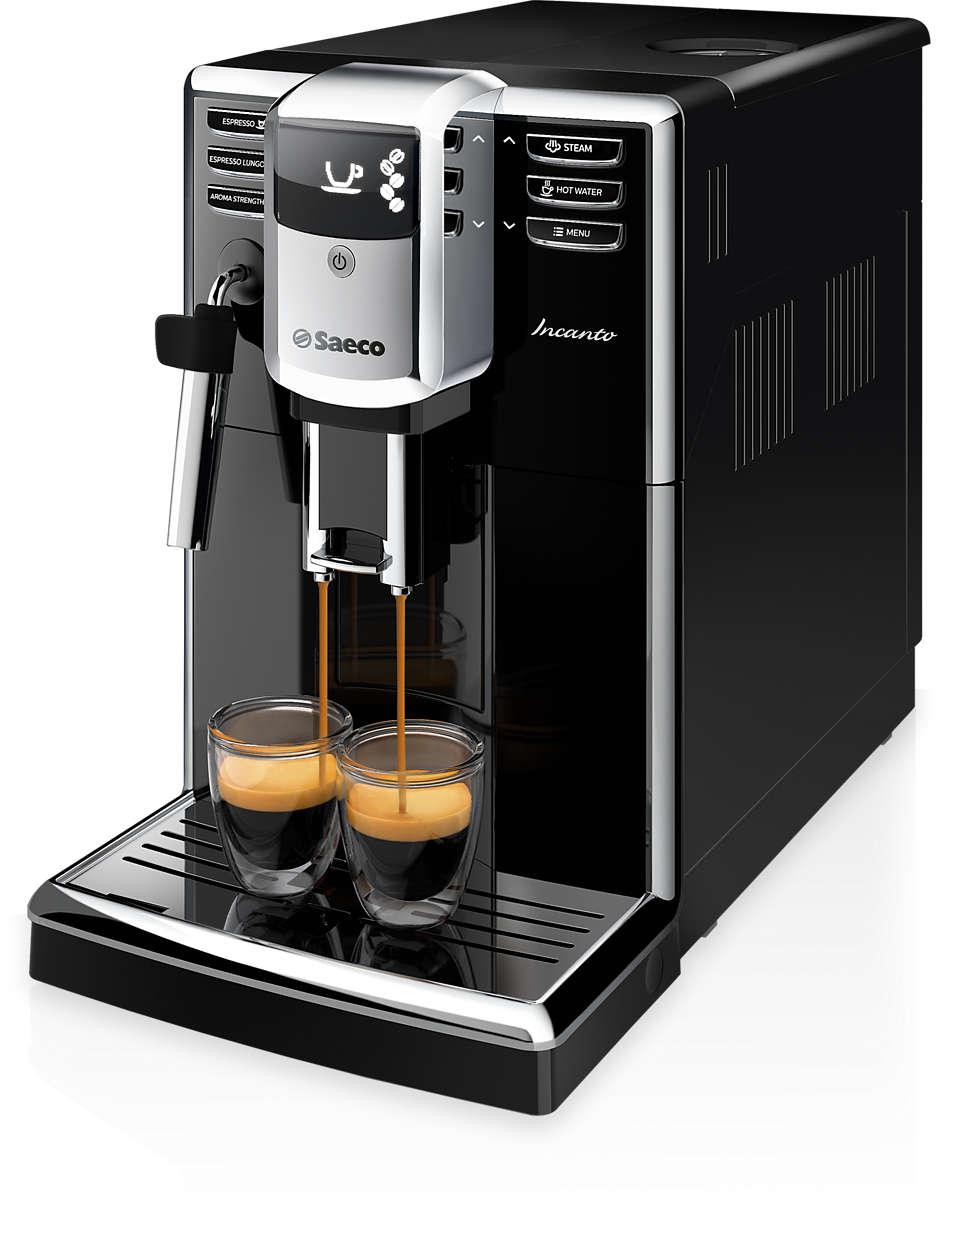 Design elegante. Qualidade de café impressionante.